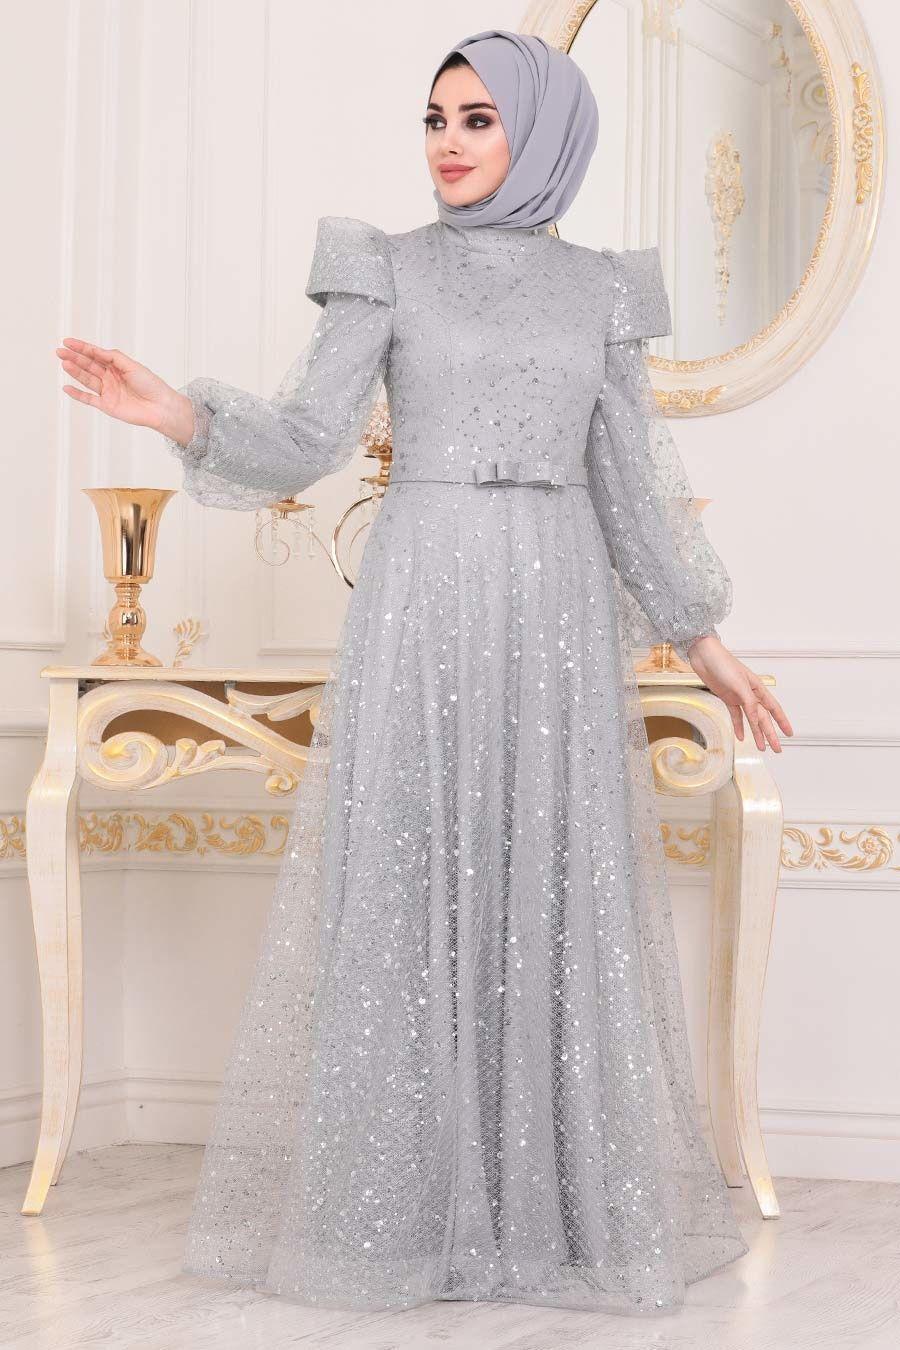 Tesetturlu Abiye Elbise Omuzlari Detayli Gri Tesettur Abiye Elbise 41071gr Tesetturisland Com 2020 Moda Stilleri The Dress Elbise